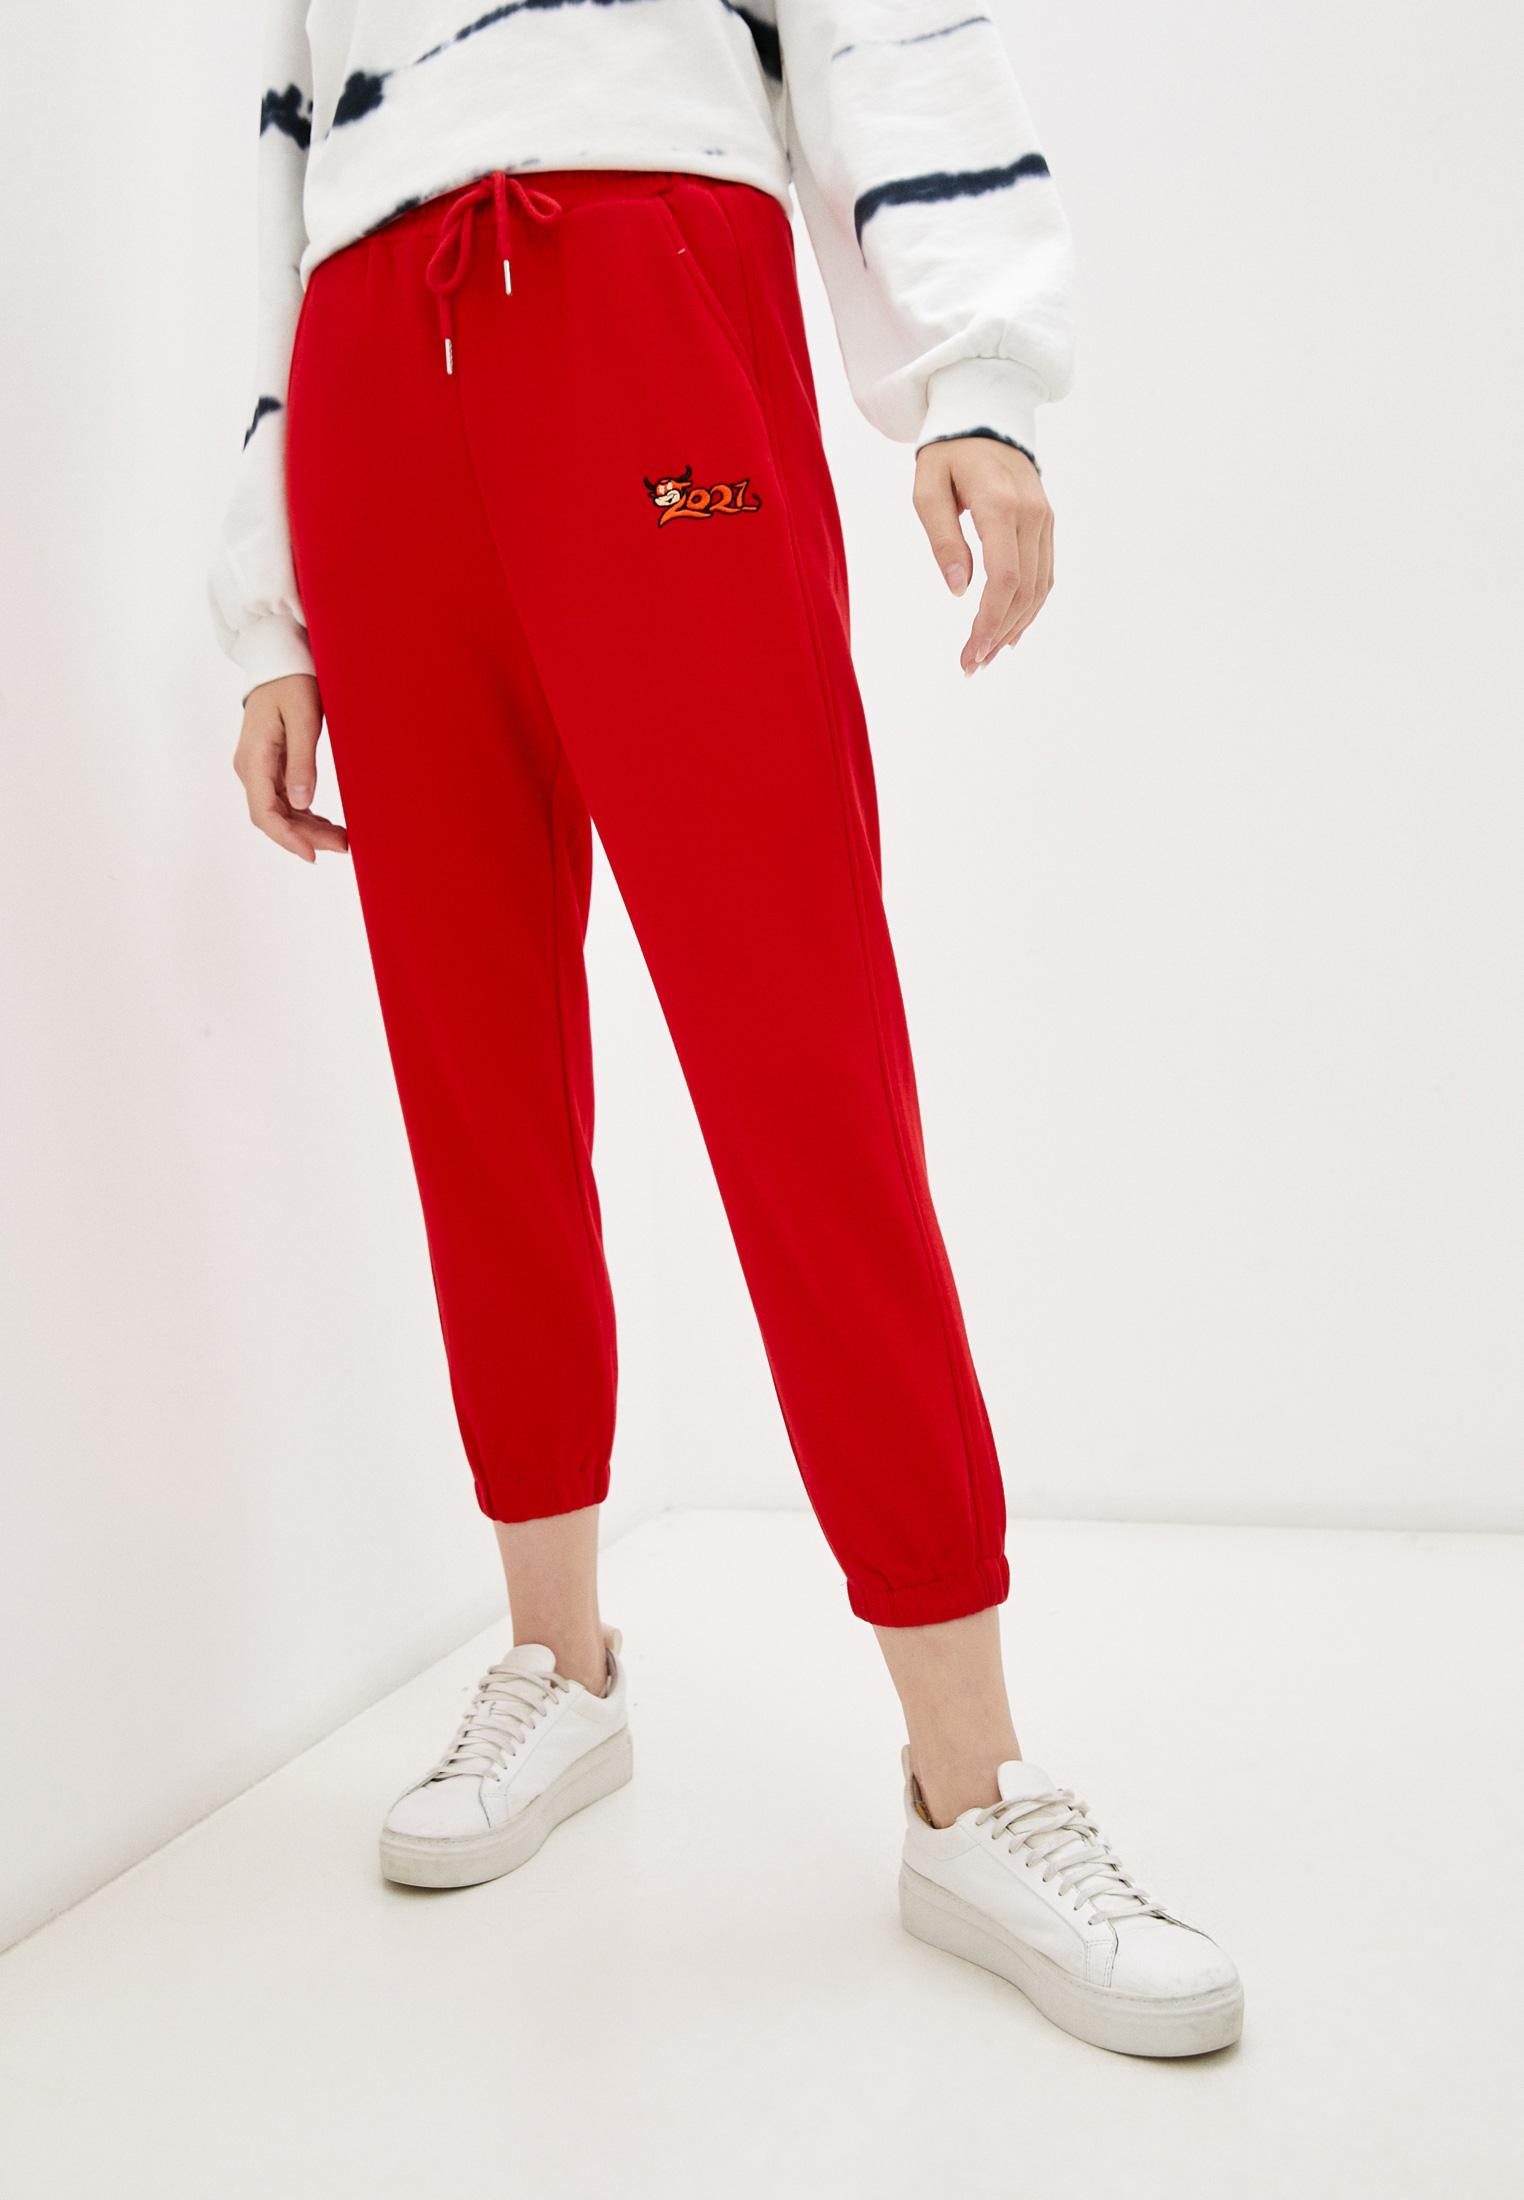 Женские спортивные брюки Moki М-5308